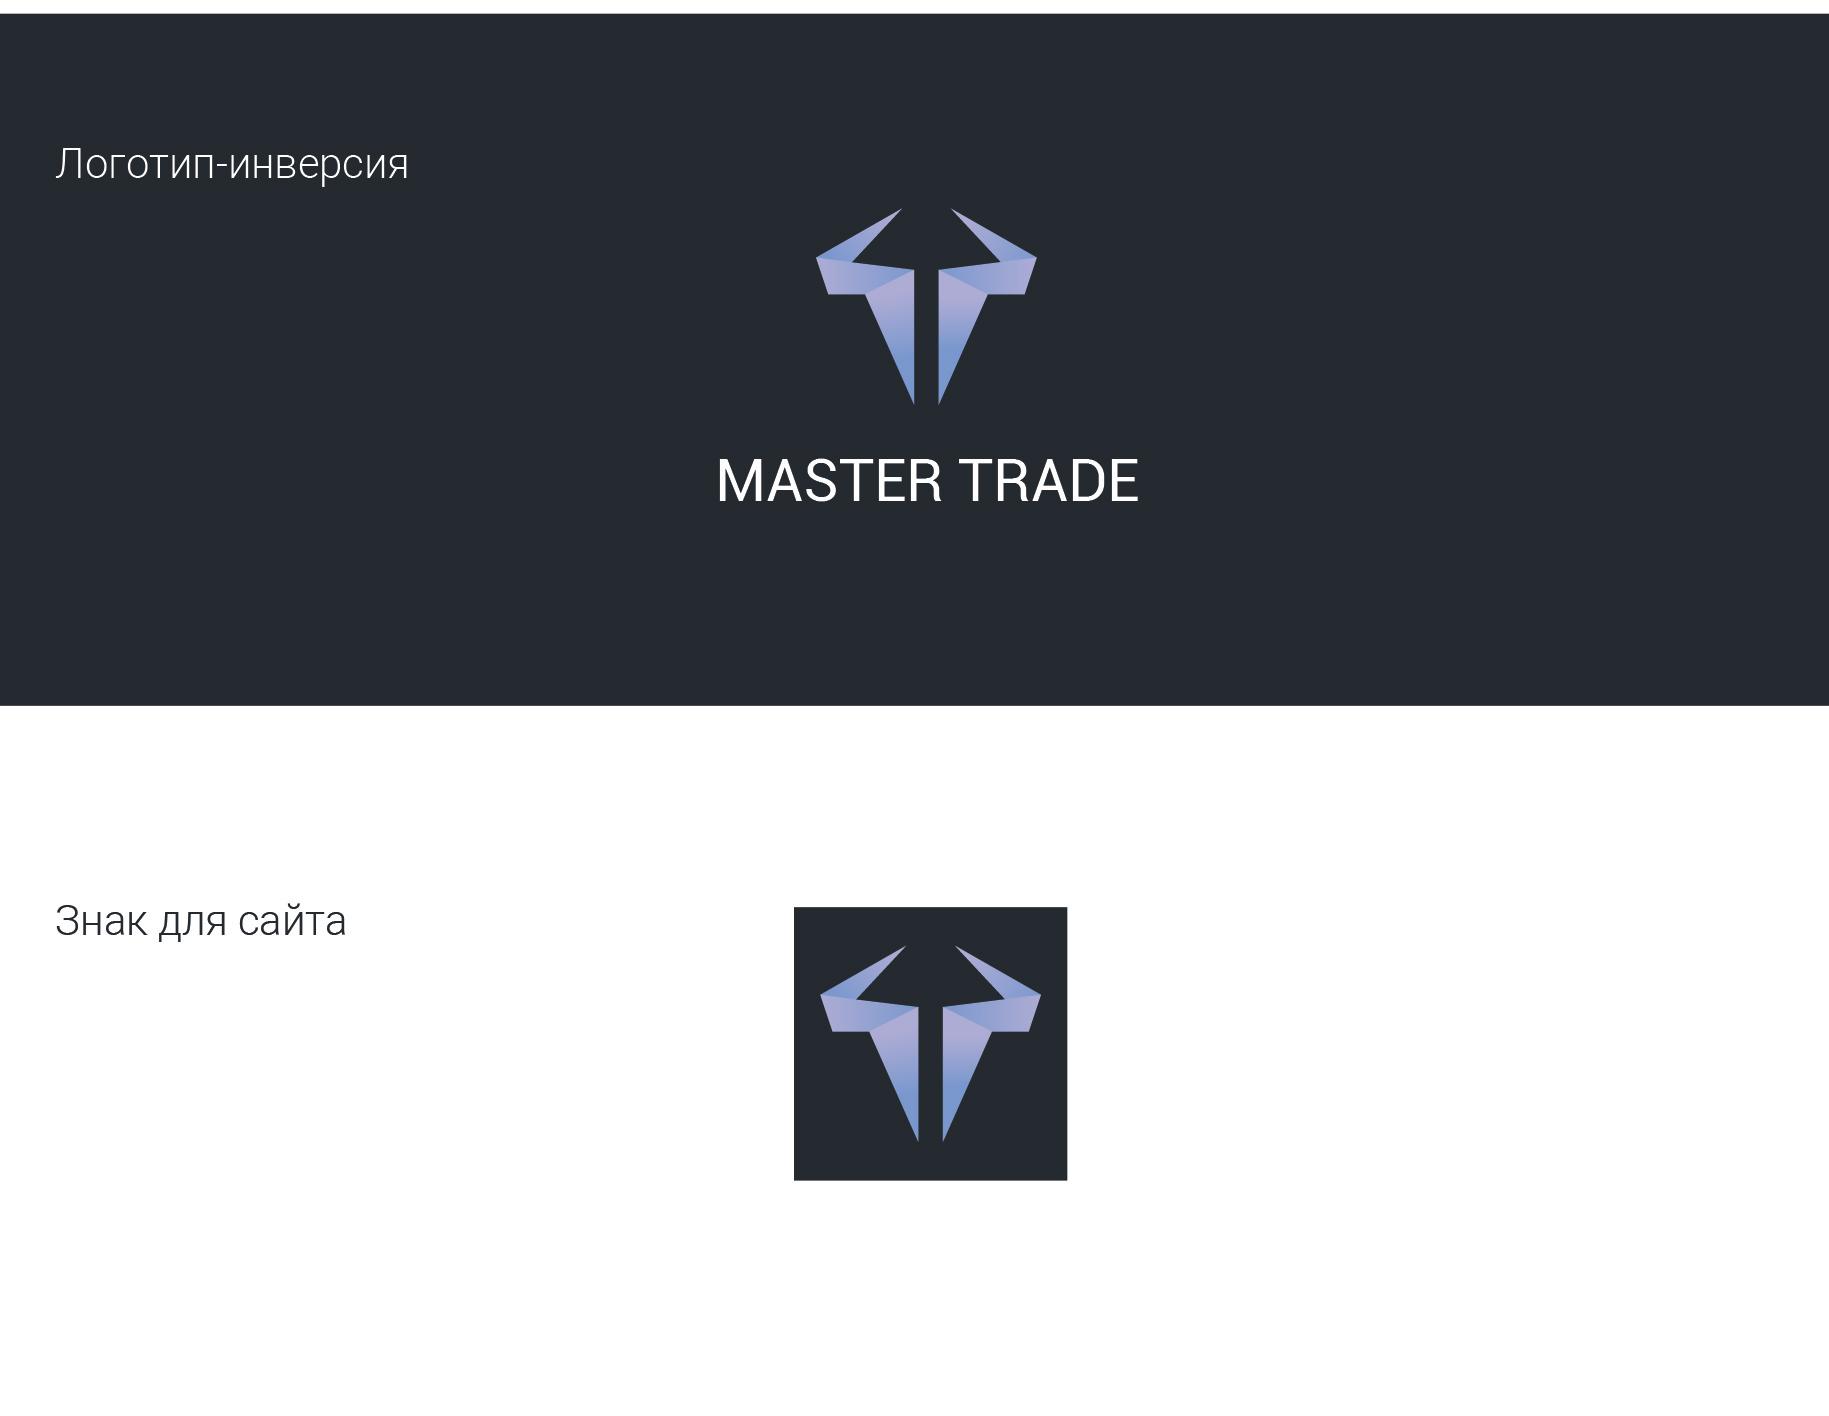 Логотип для Master Trade